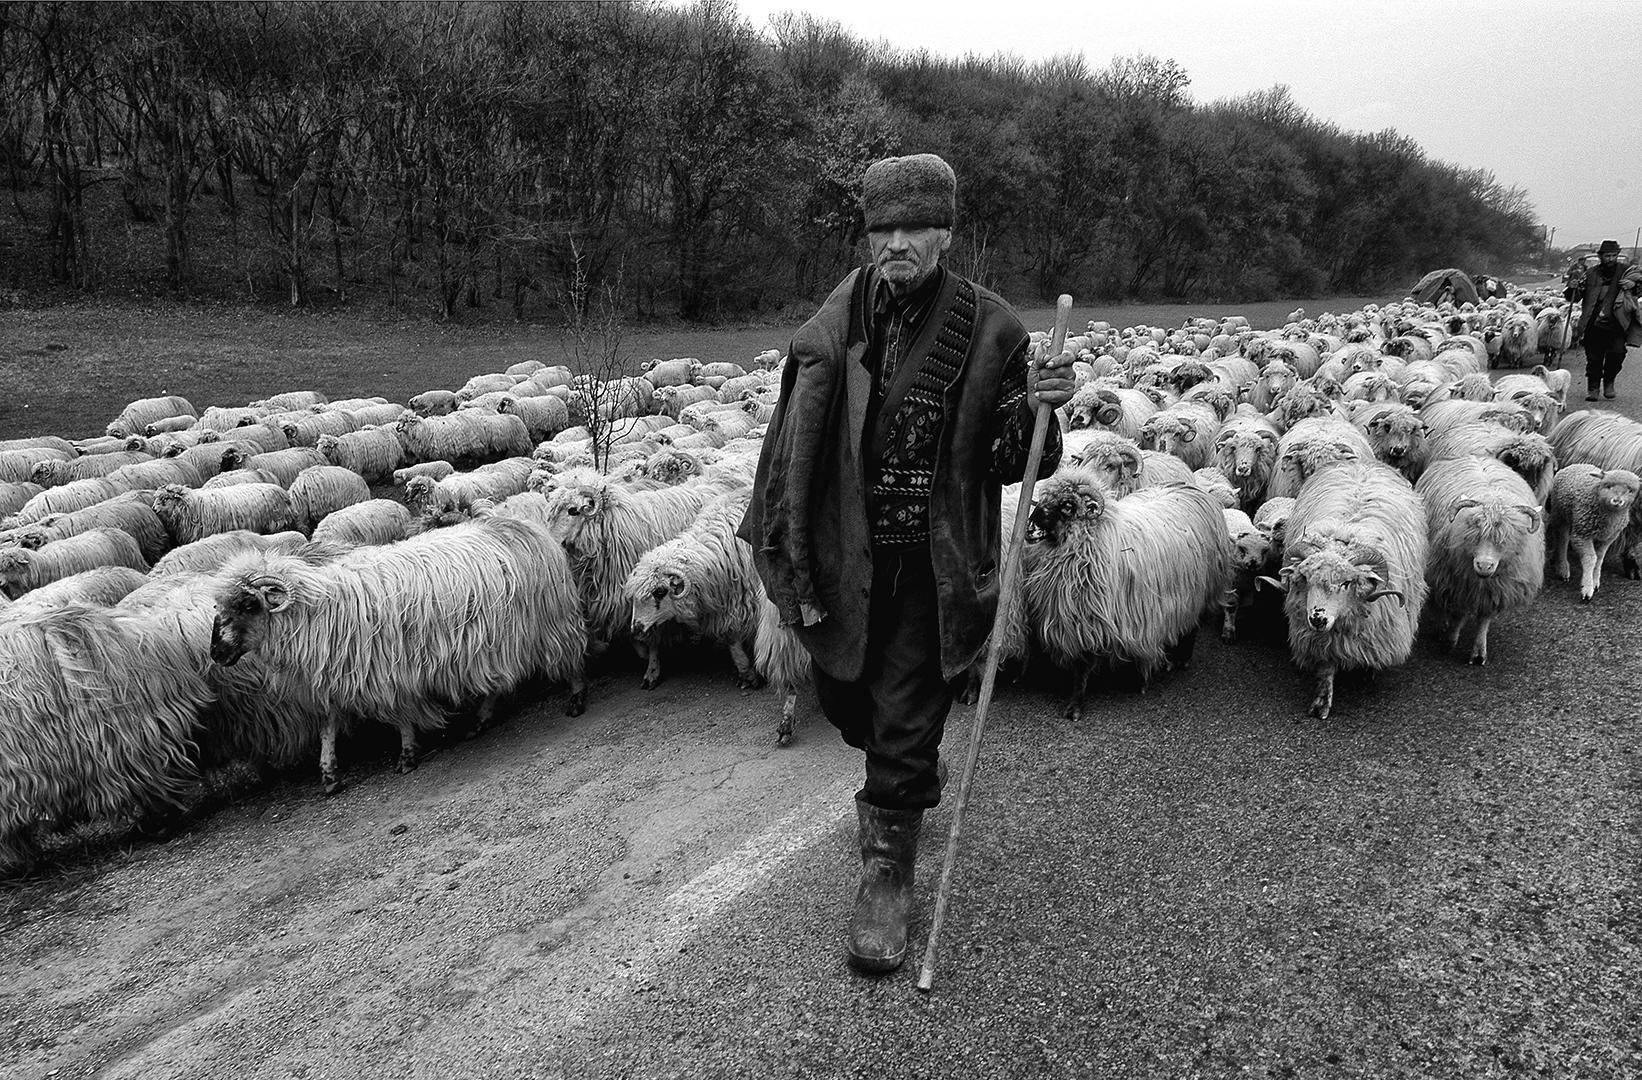 Shepherds move sheep, Søren Skov